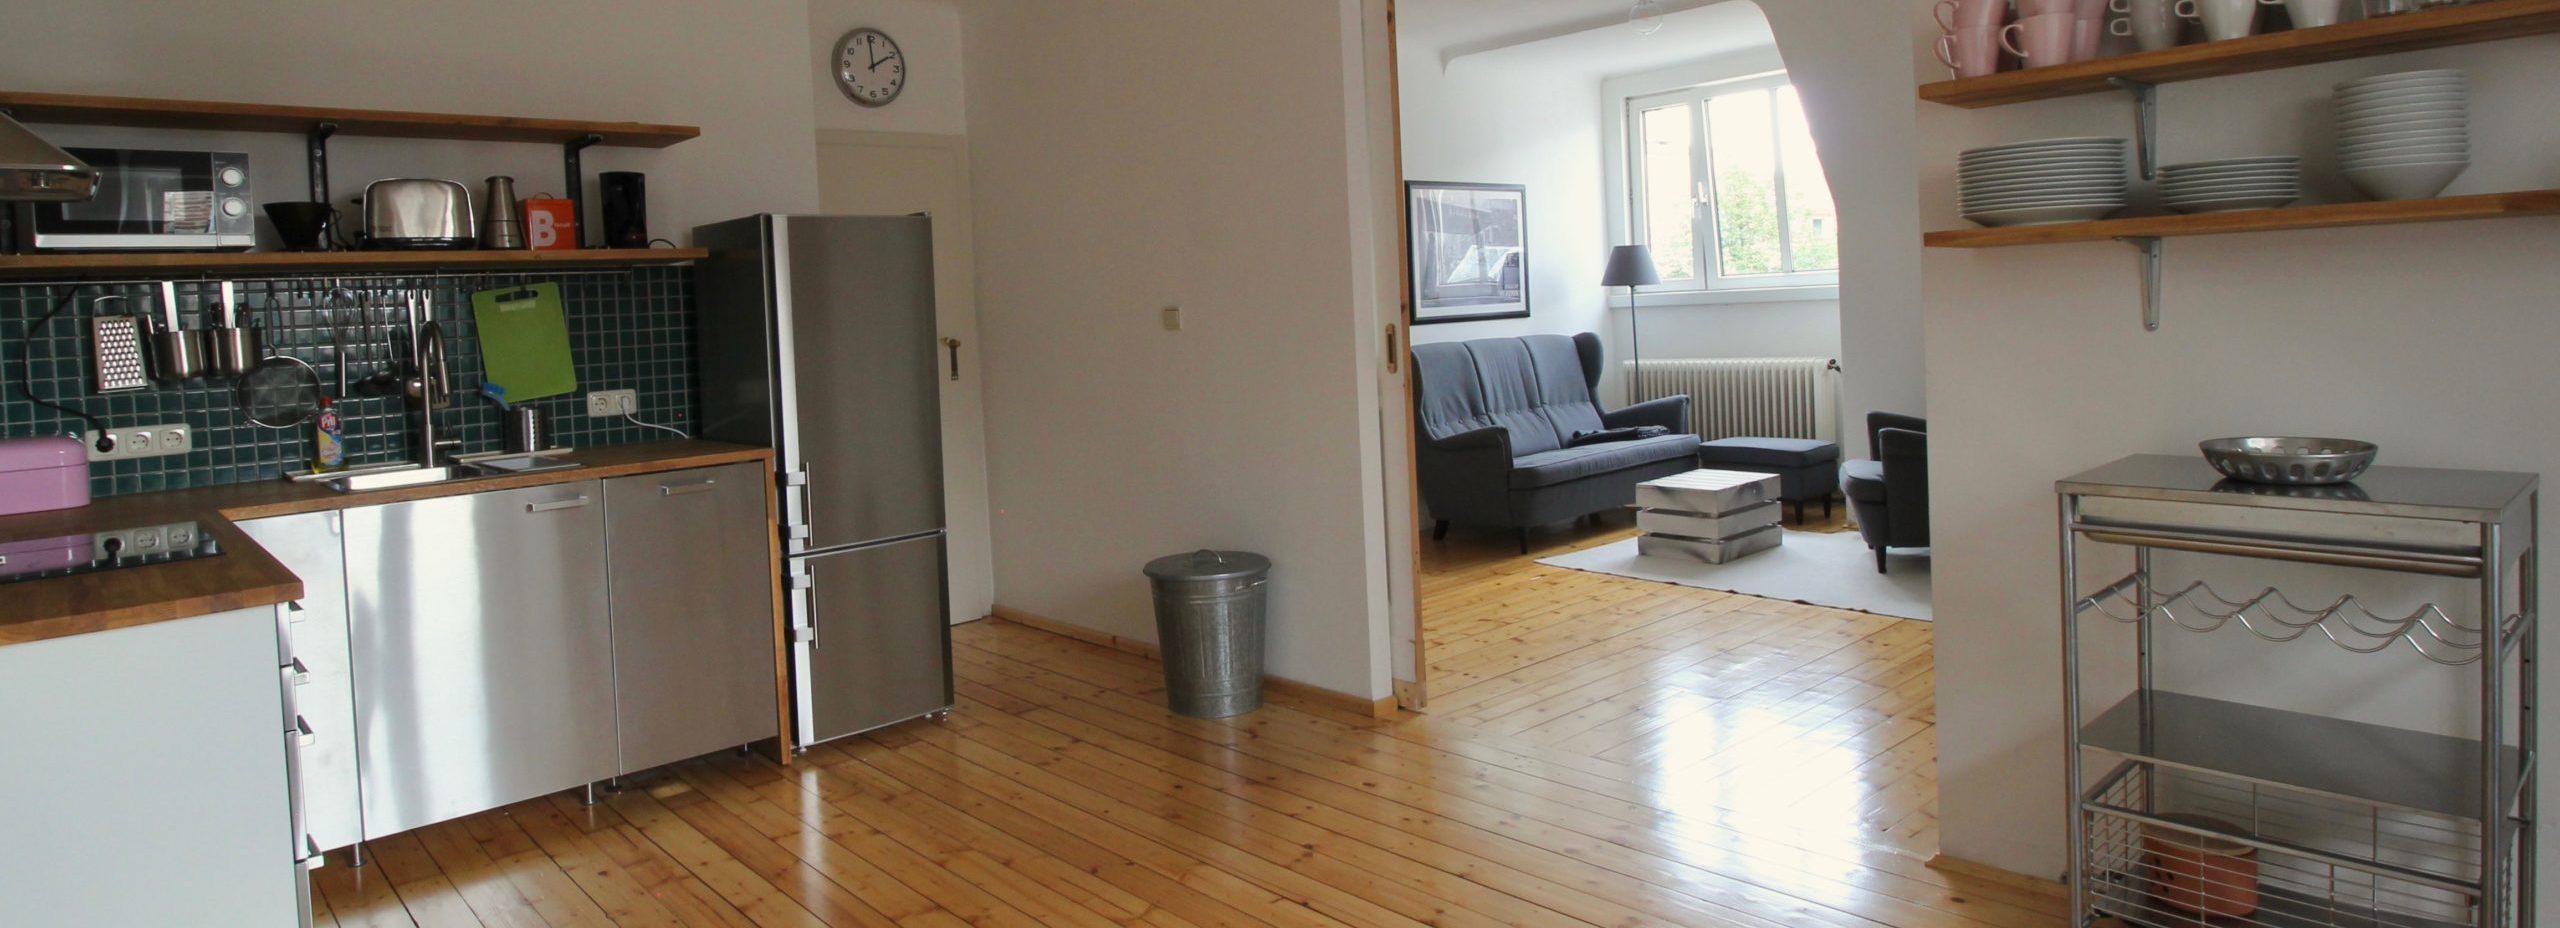 Wohnung für Homeoffice in Wien – Kurzzeit Miete